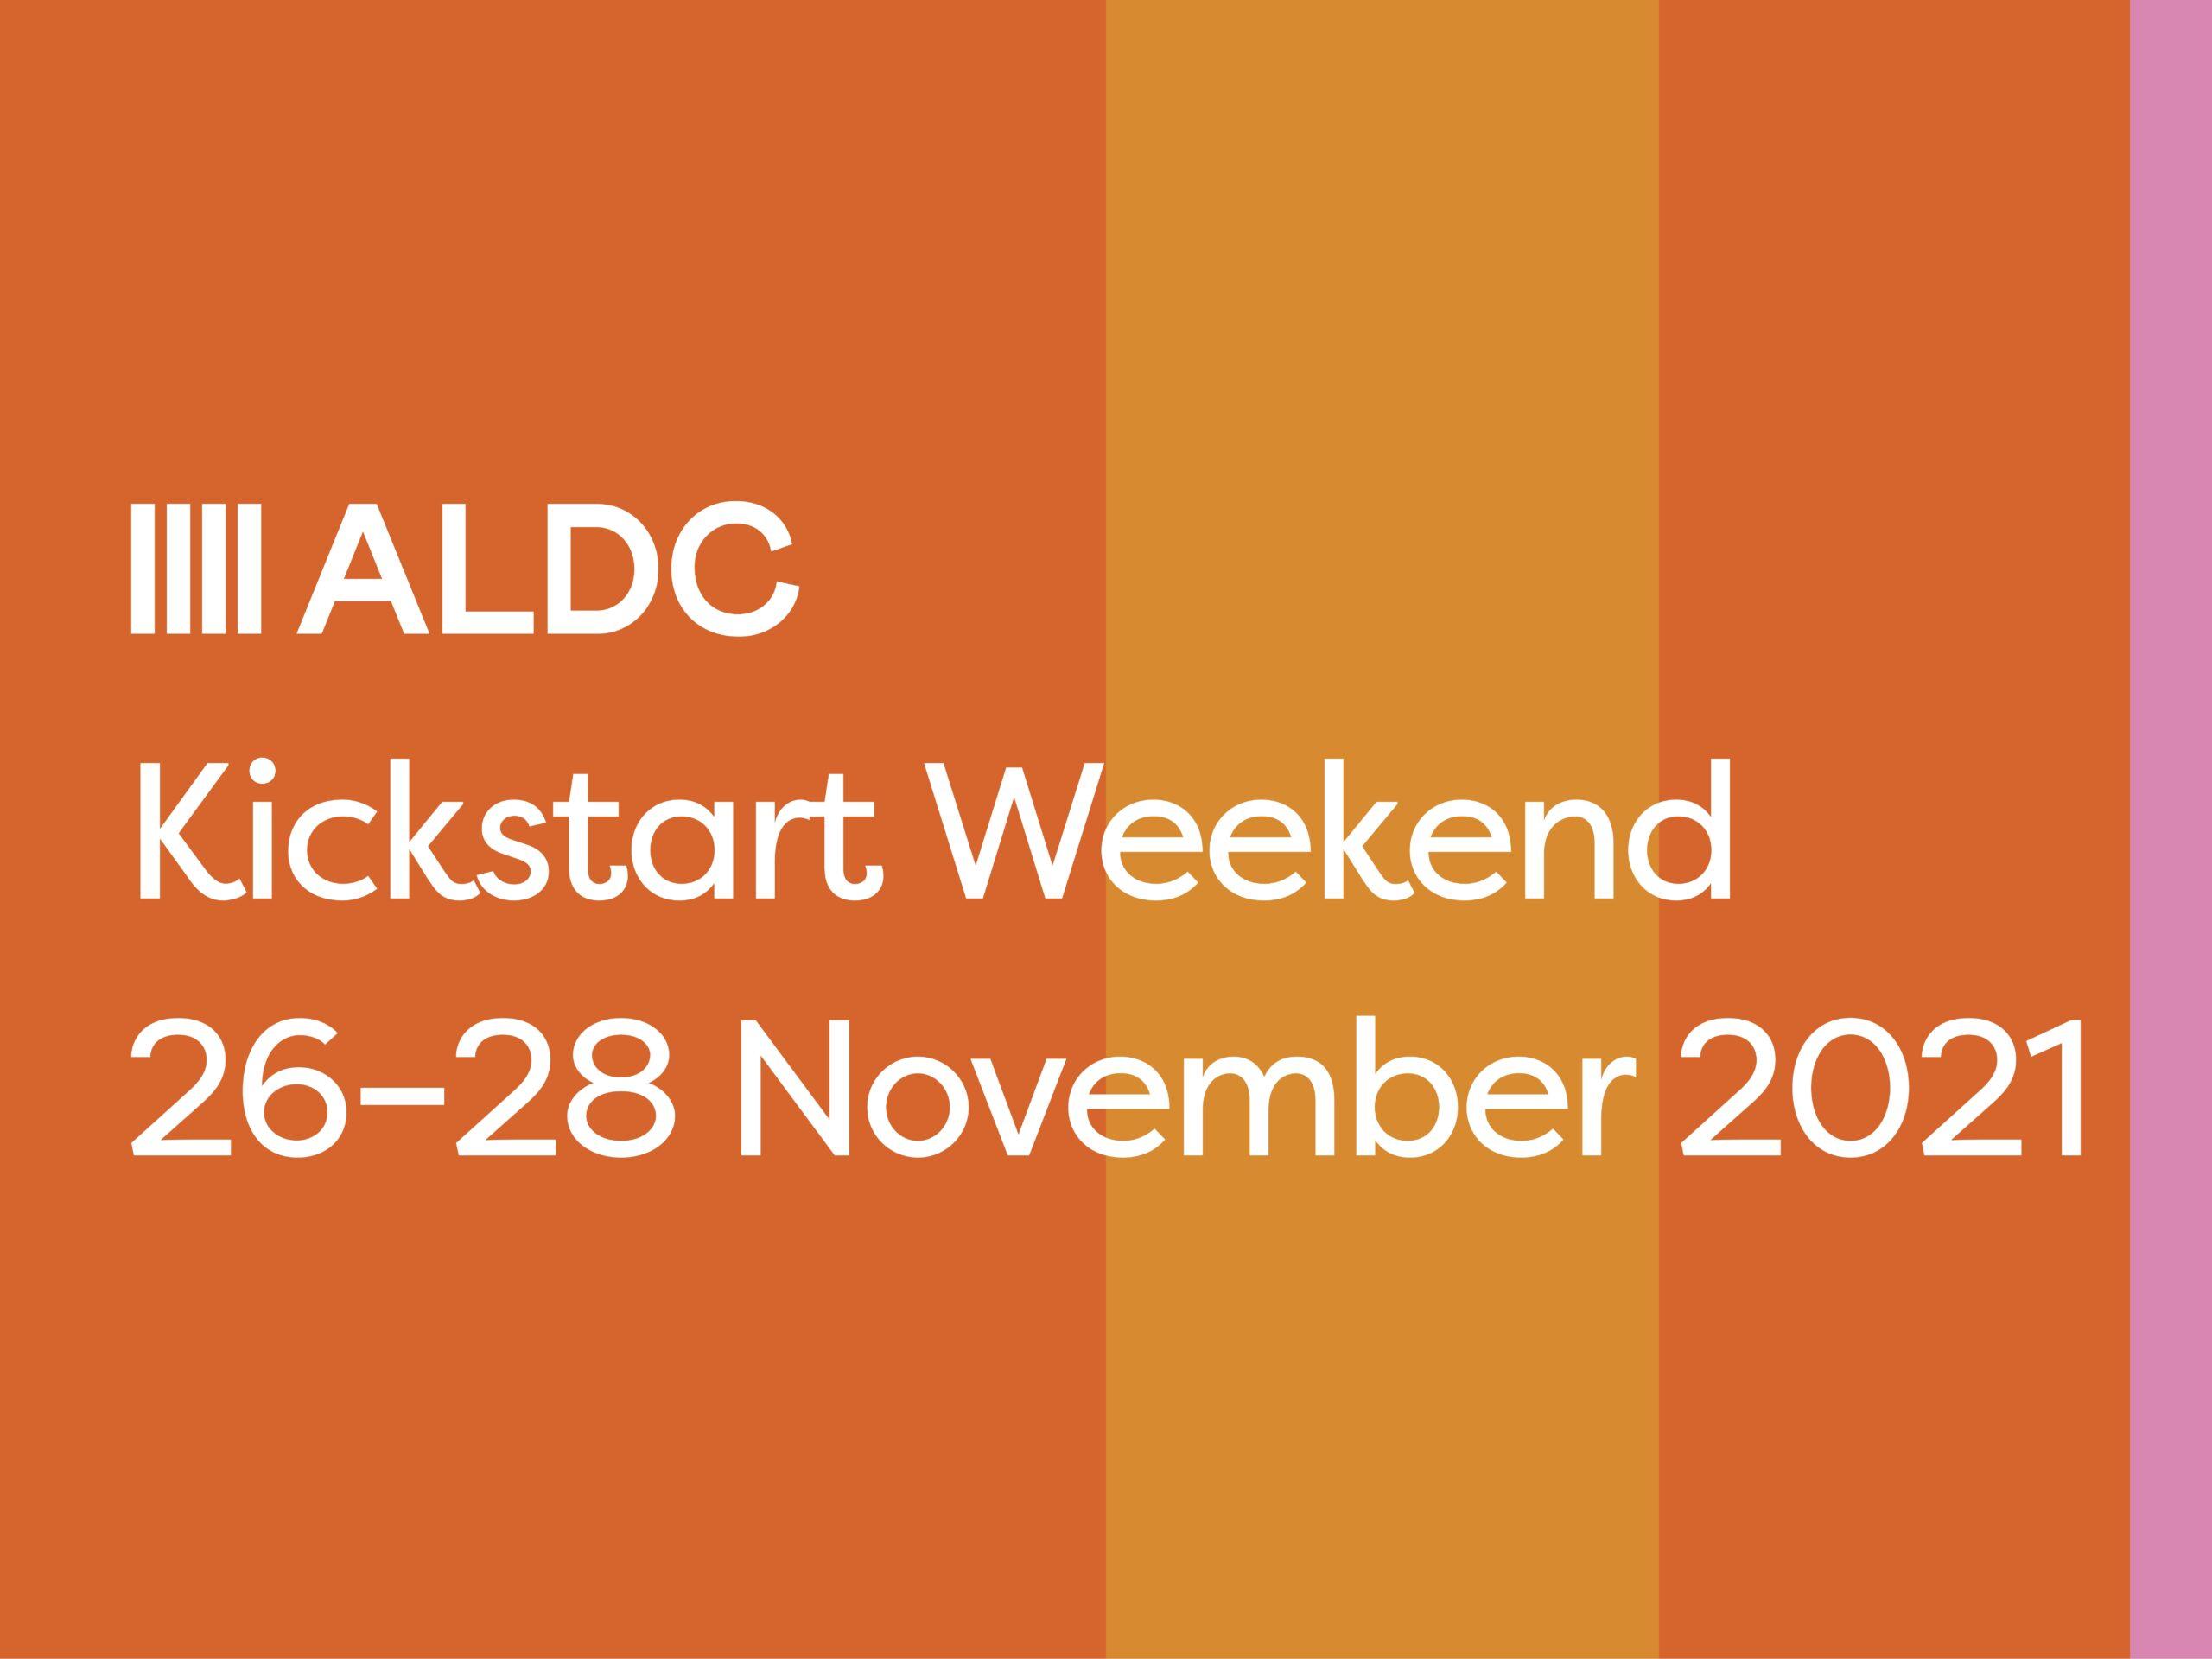 Kickstart Weekend, 26-28th November